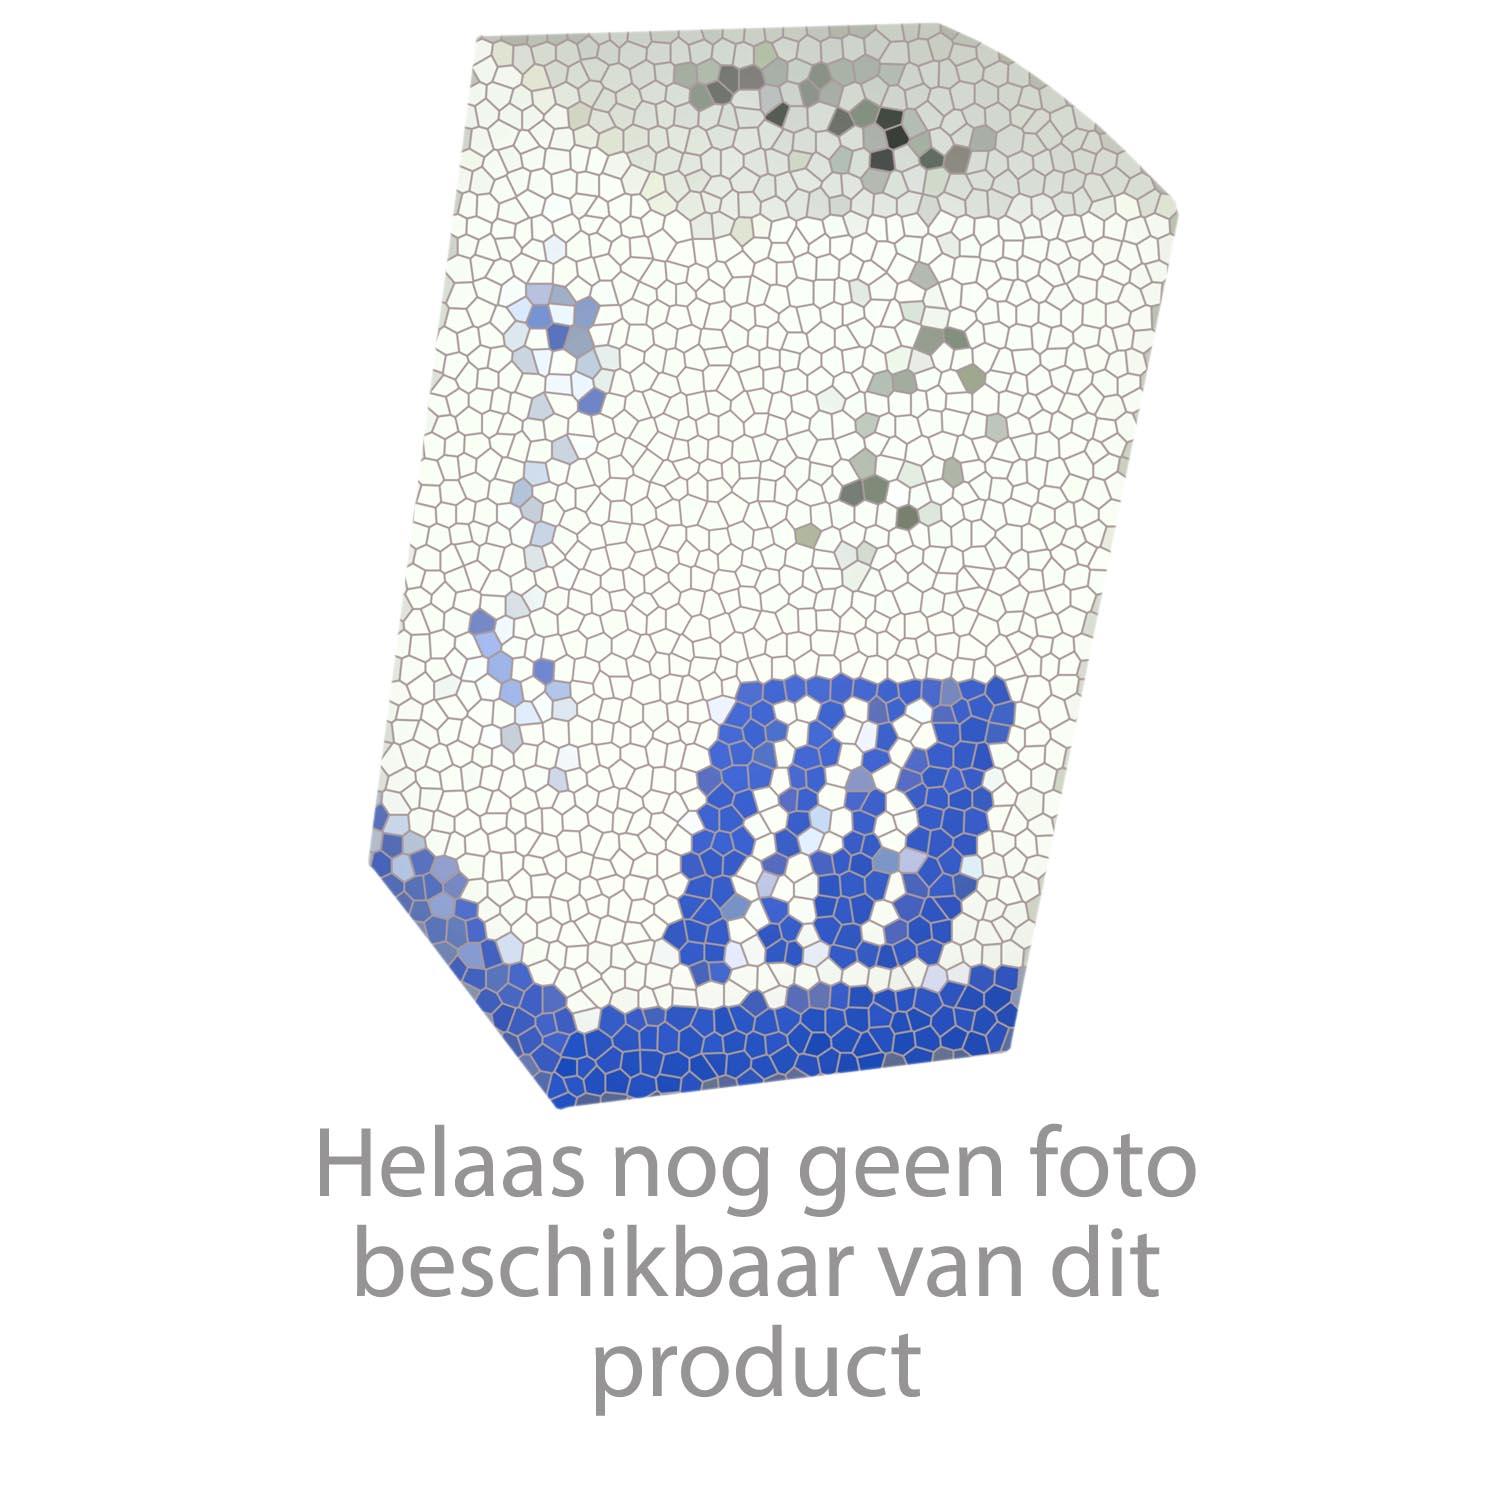 HansGrohe Afvoer- en overloopgarnituren Excentra Fill productiejaar 05/84 - 01/89 58527 onderdelen